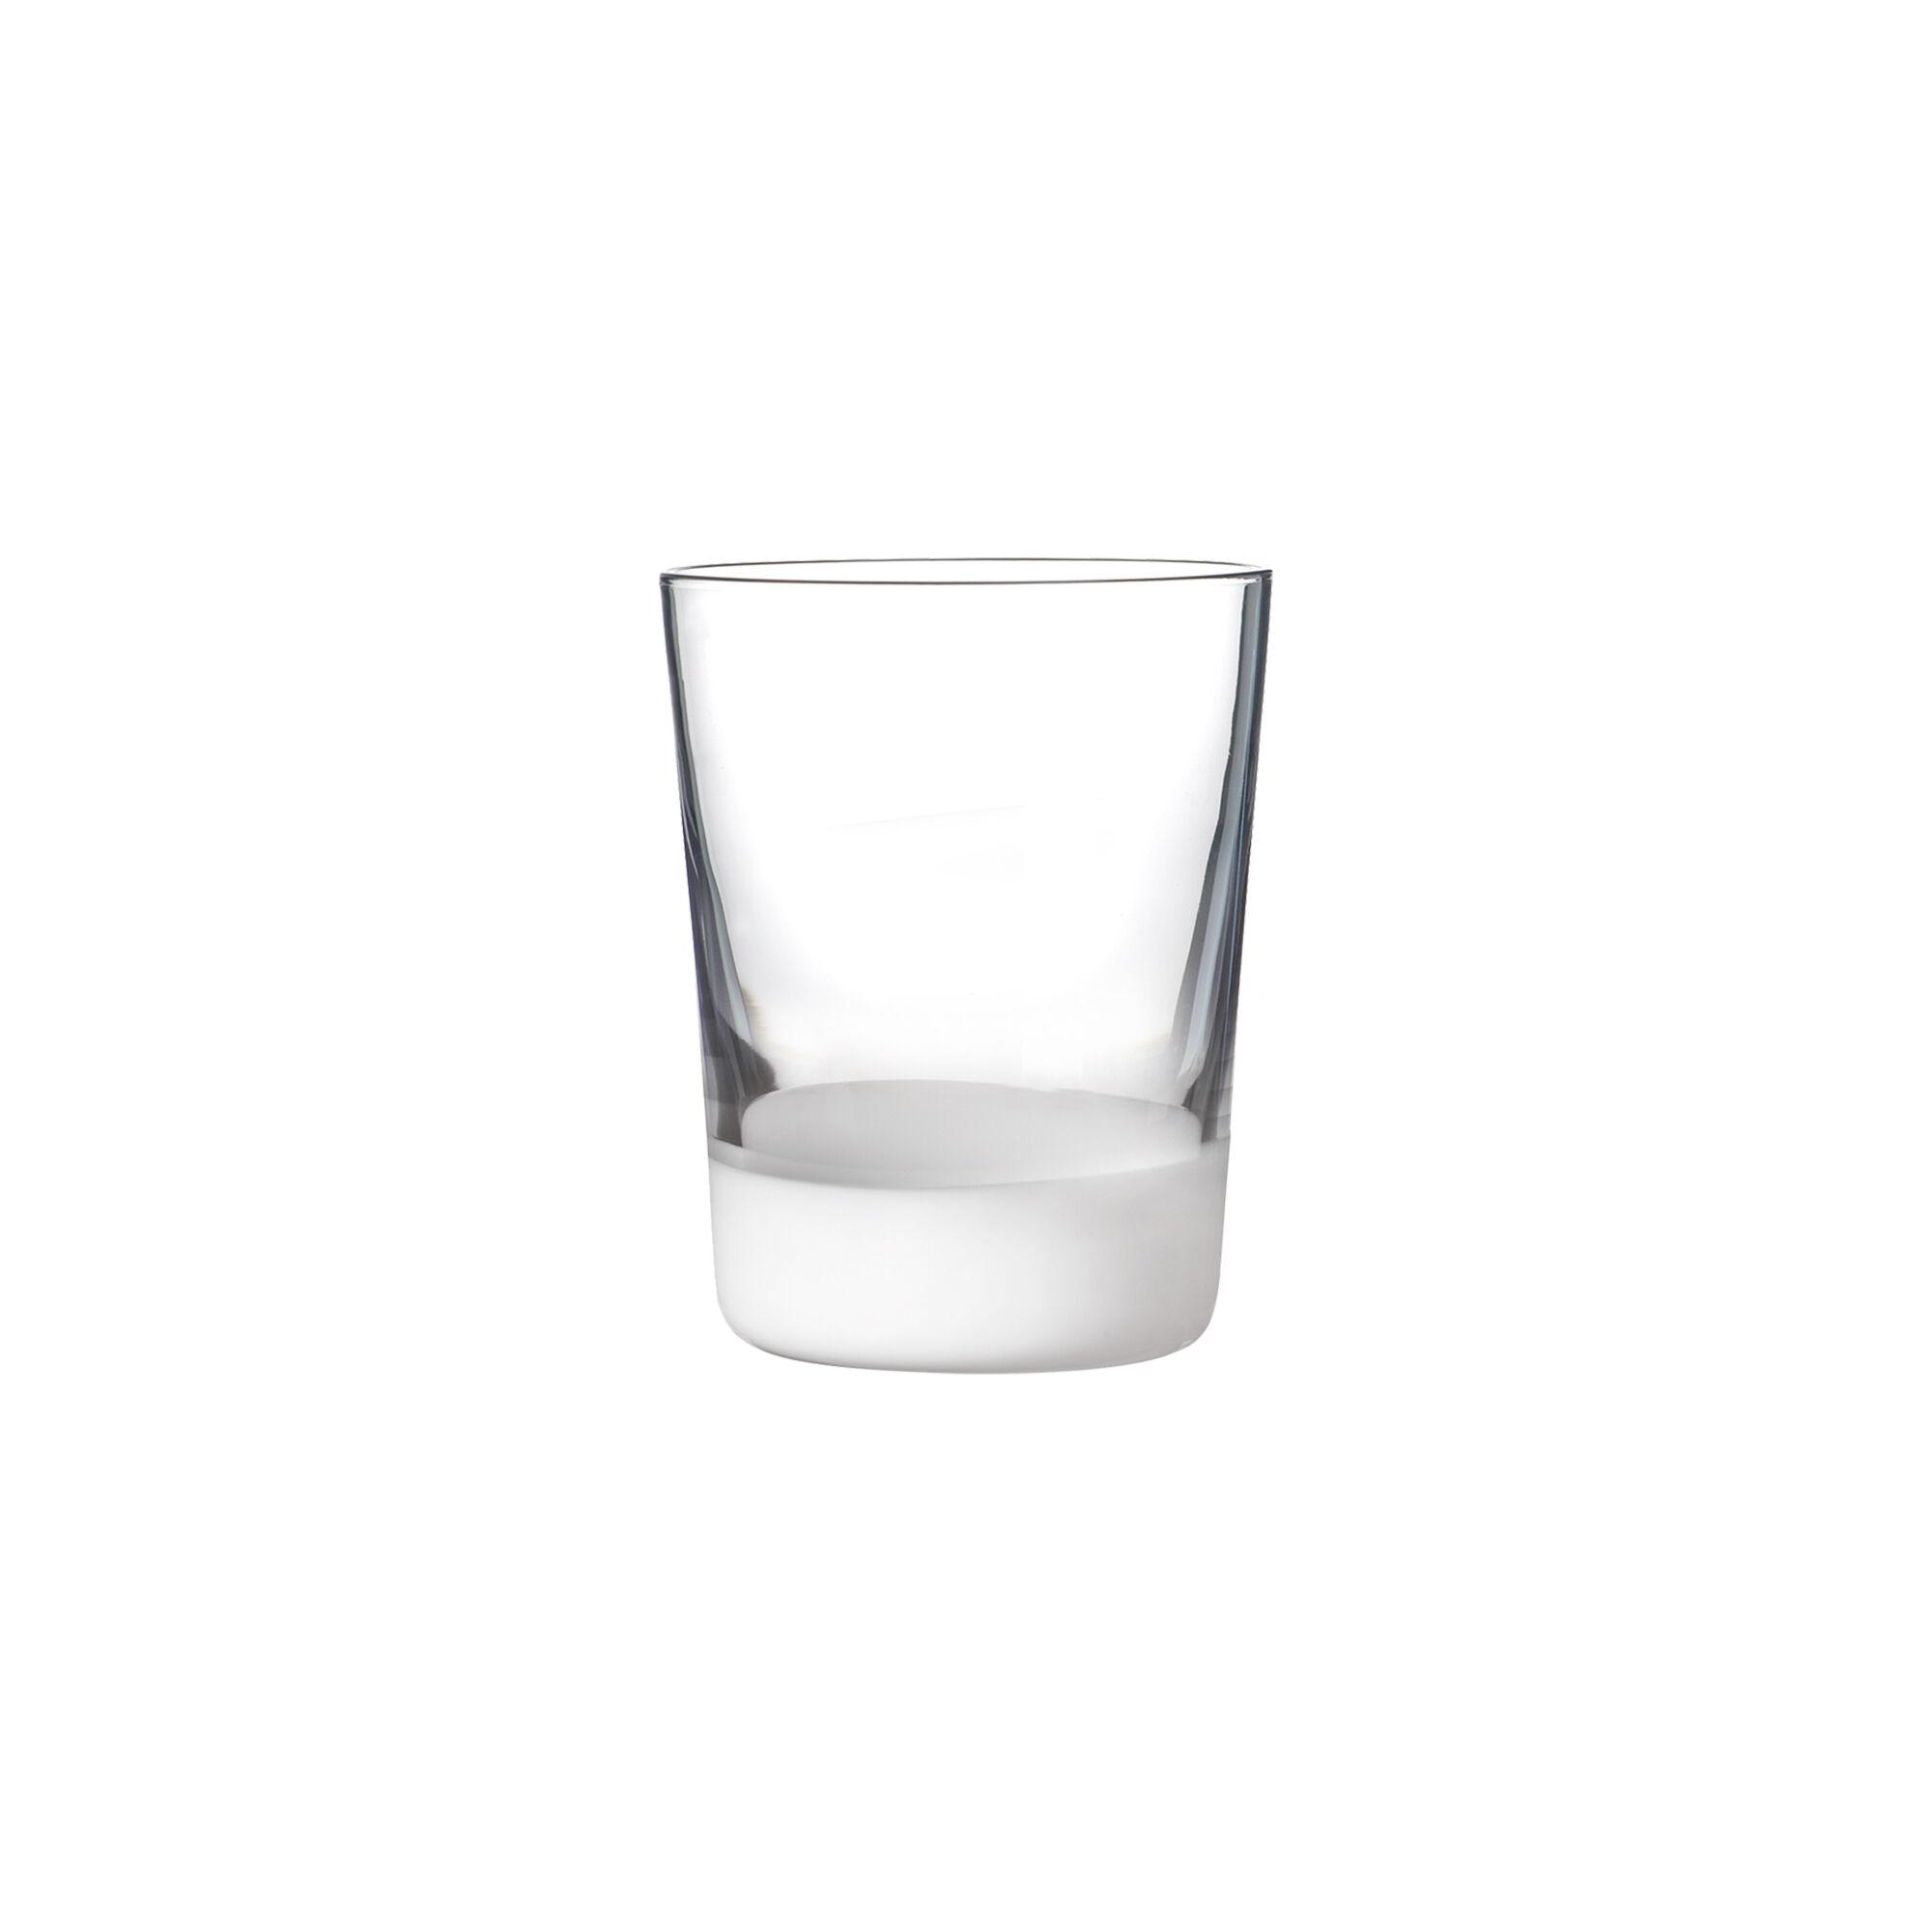 Sibo Homeconcept Gobelet en verre soufflé bouche blanc 39 cl - Lot de 6